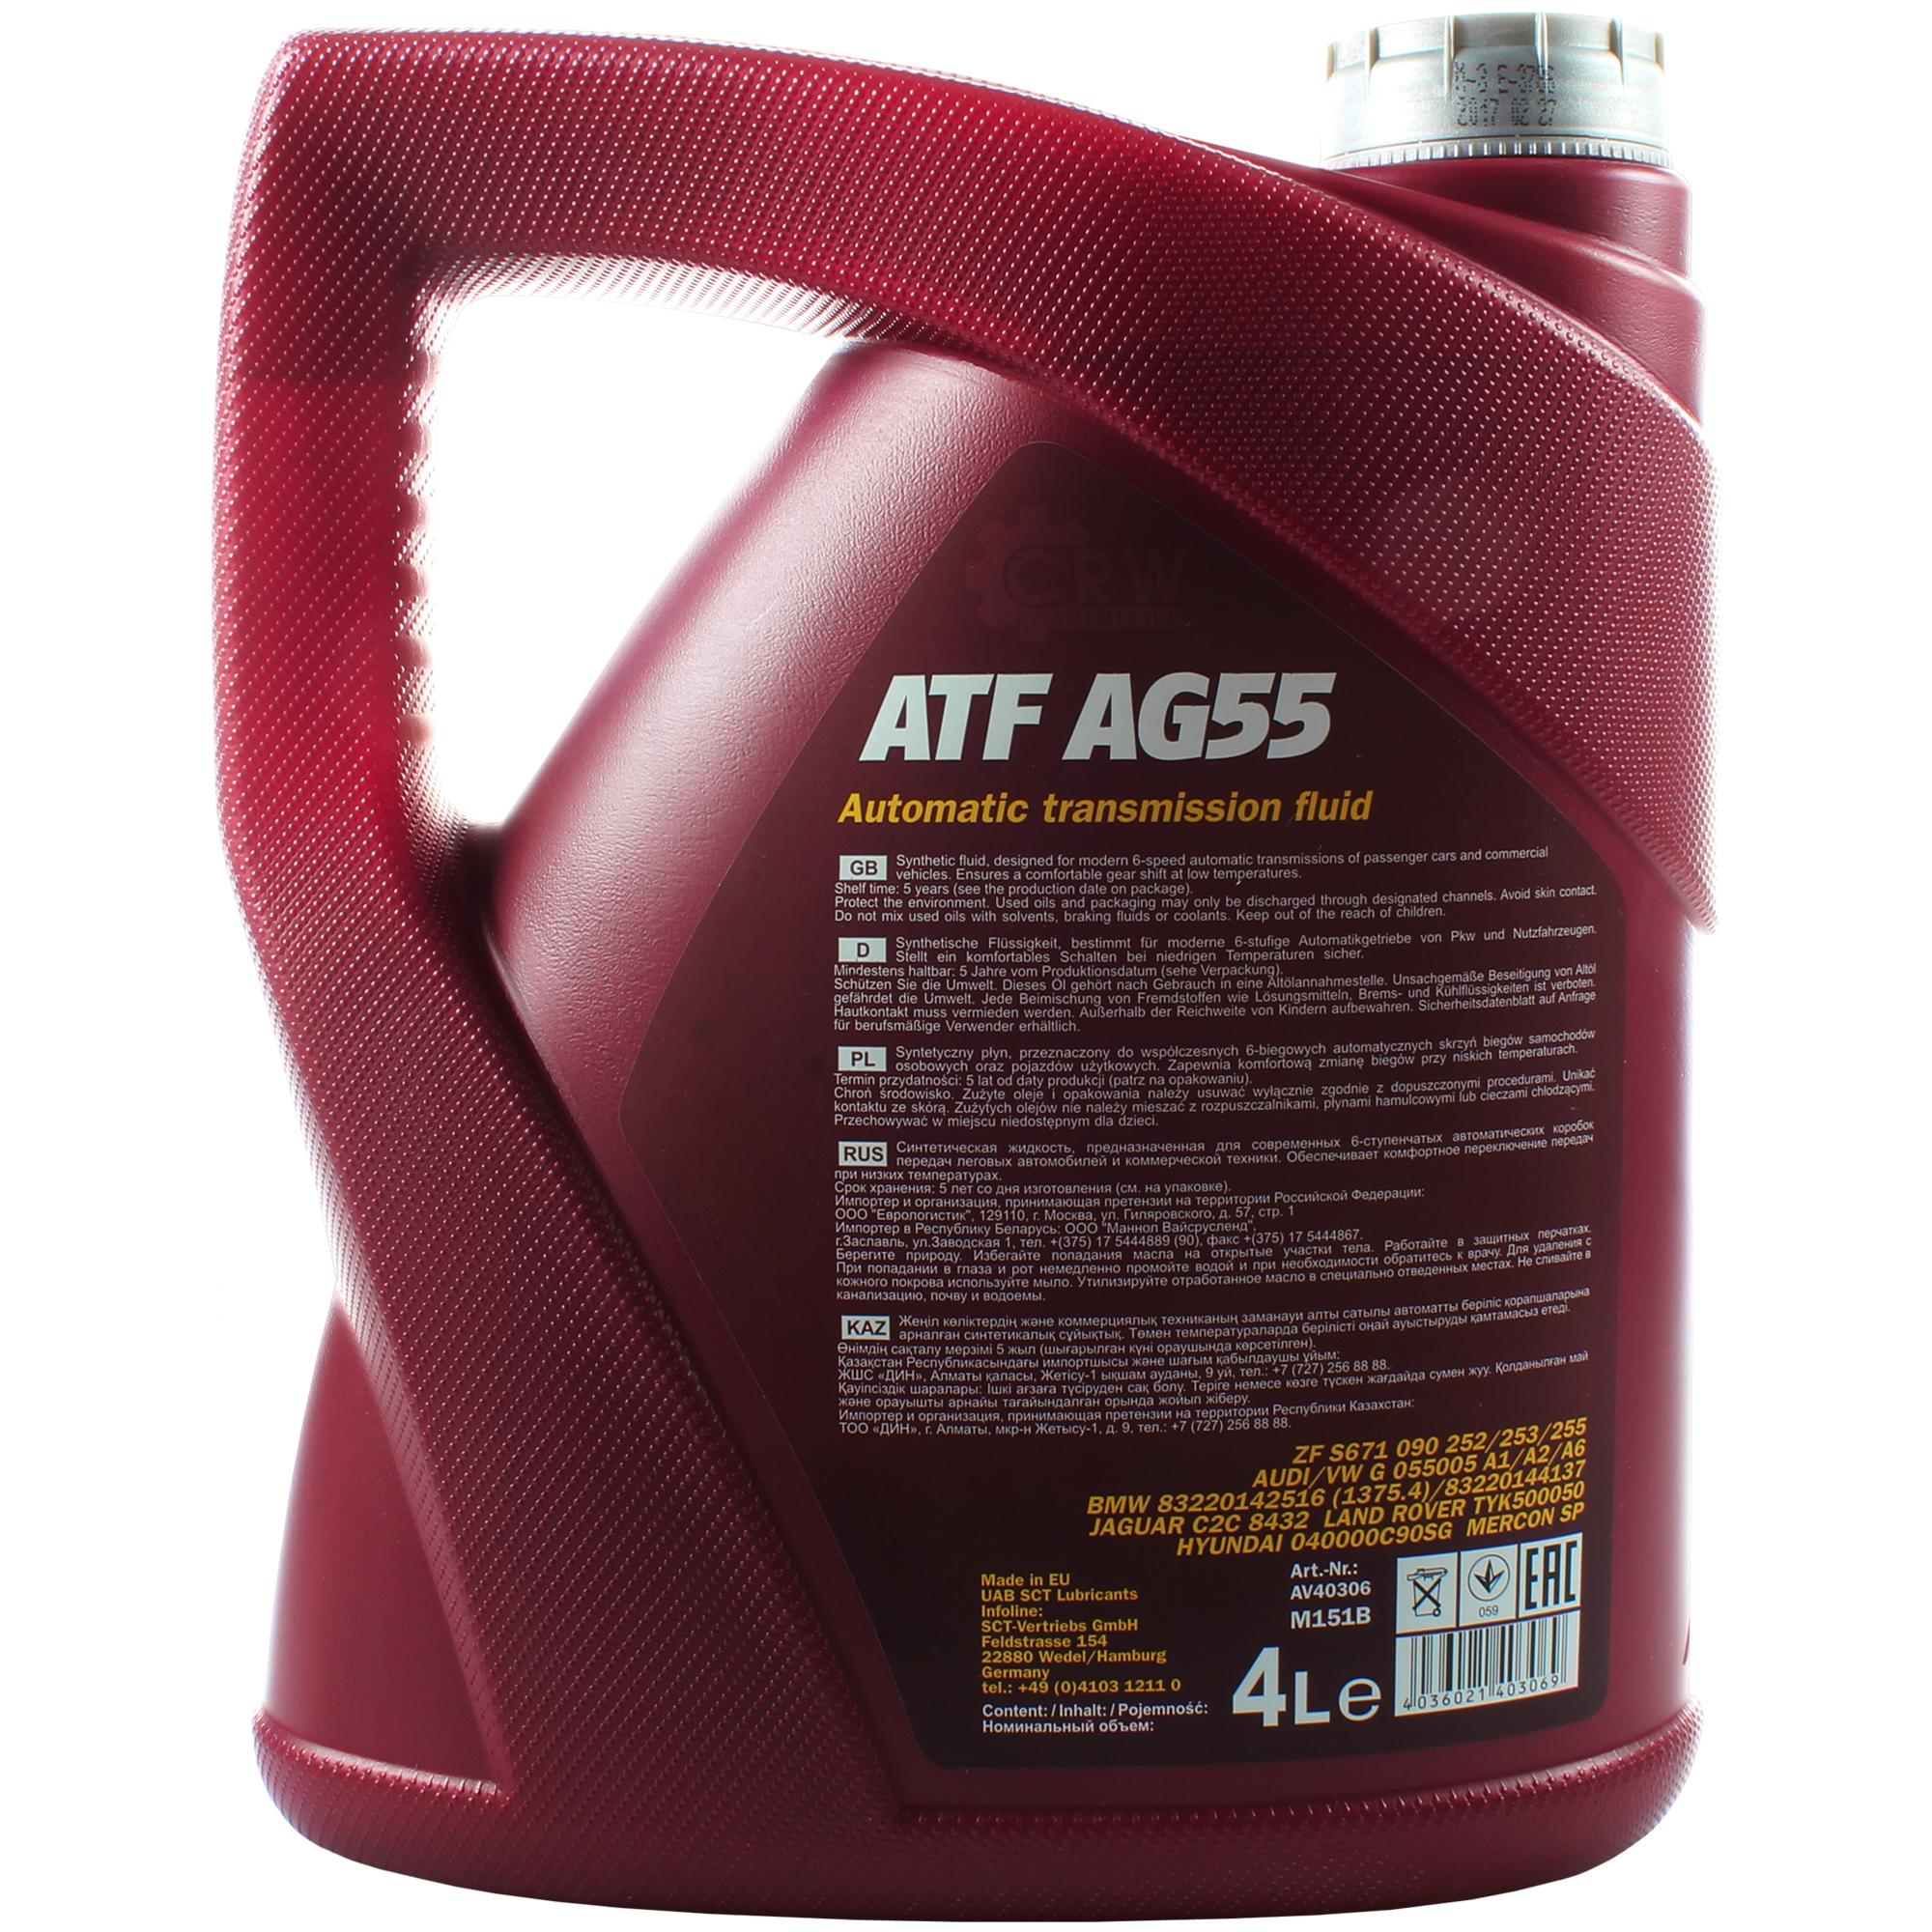 8x 4 Liter Mannol Hydraulic Oil Atf Ag55 Fluid Automatic Transmission Ebay